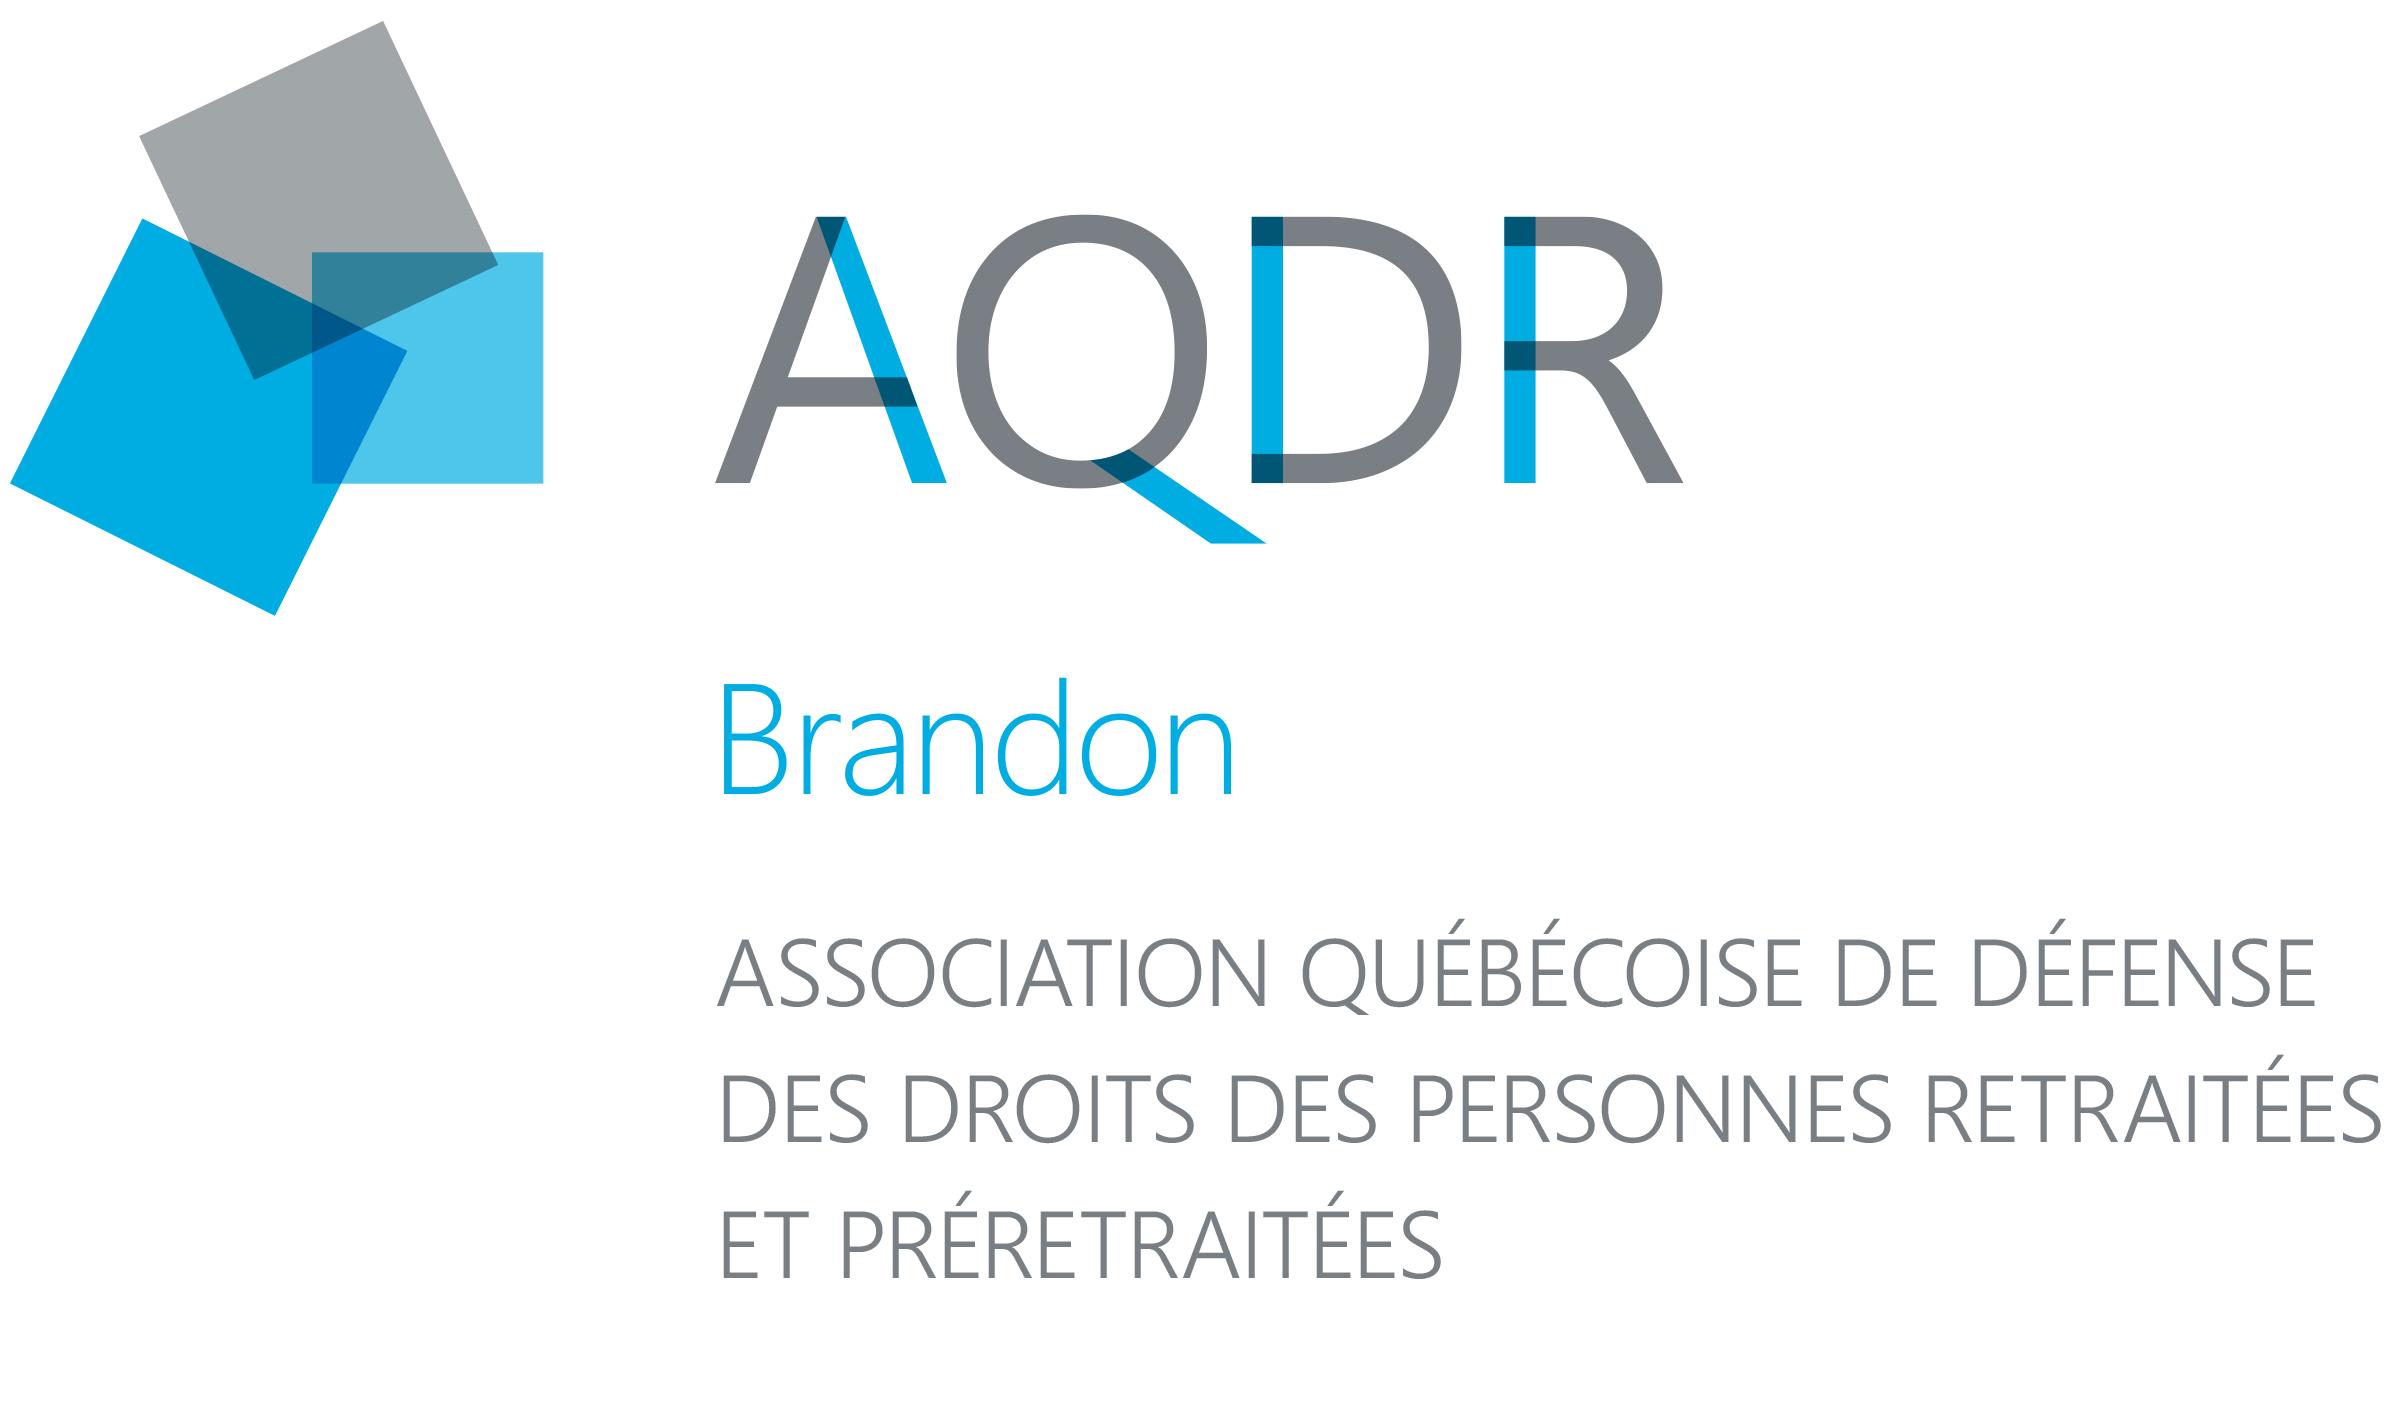 Logo de l'AQDR-Brandon